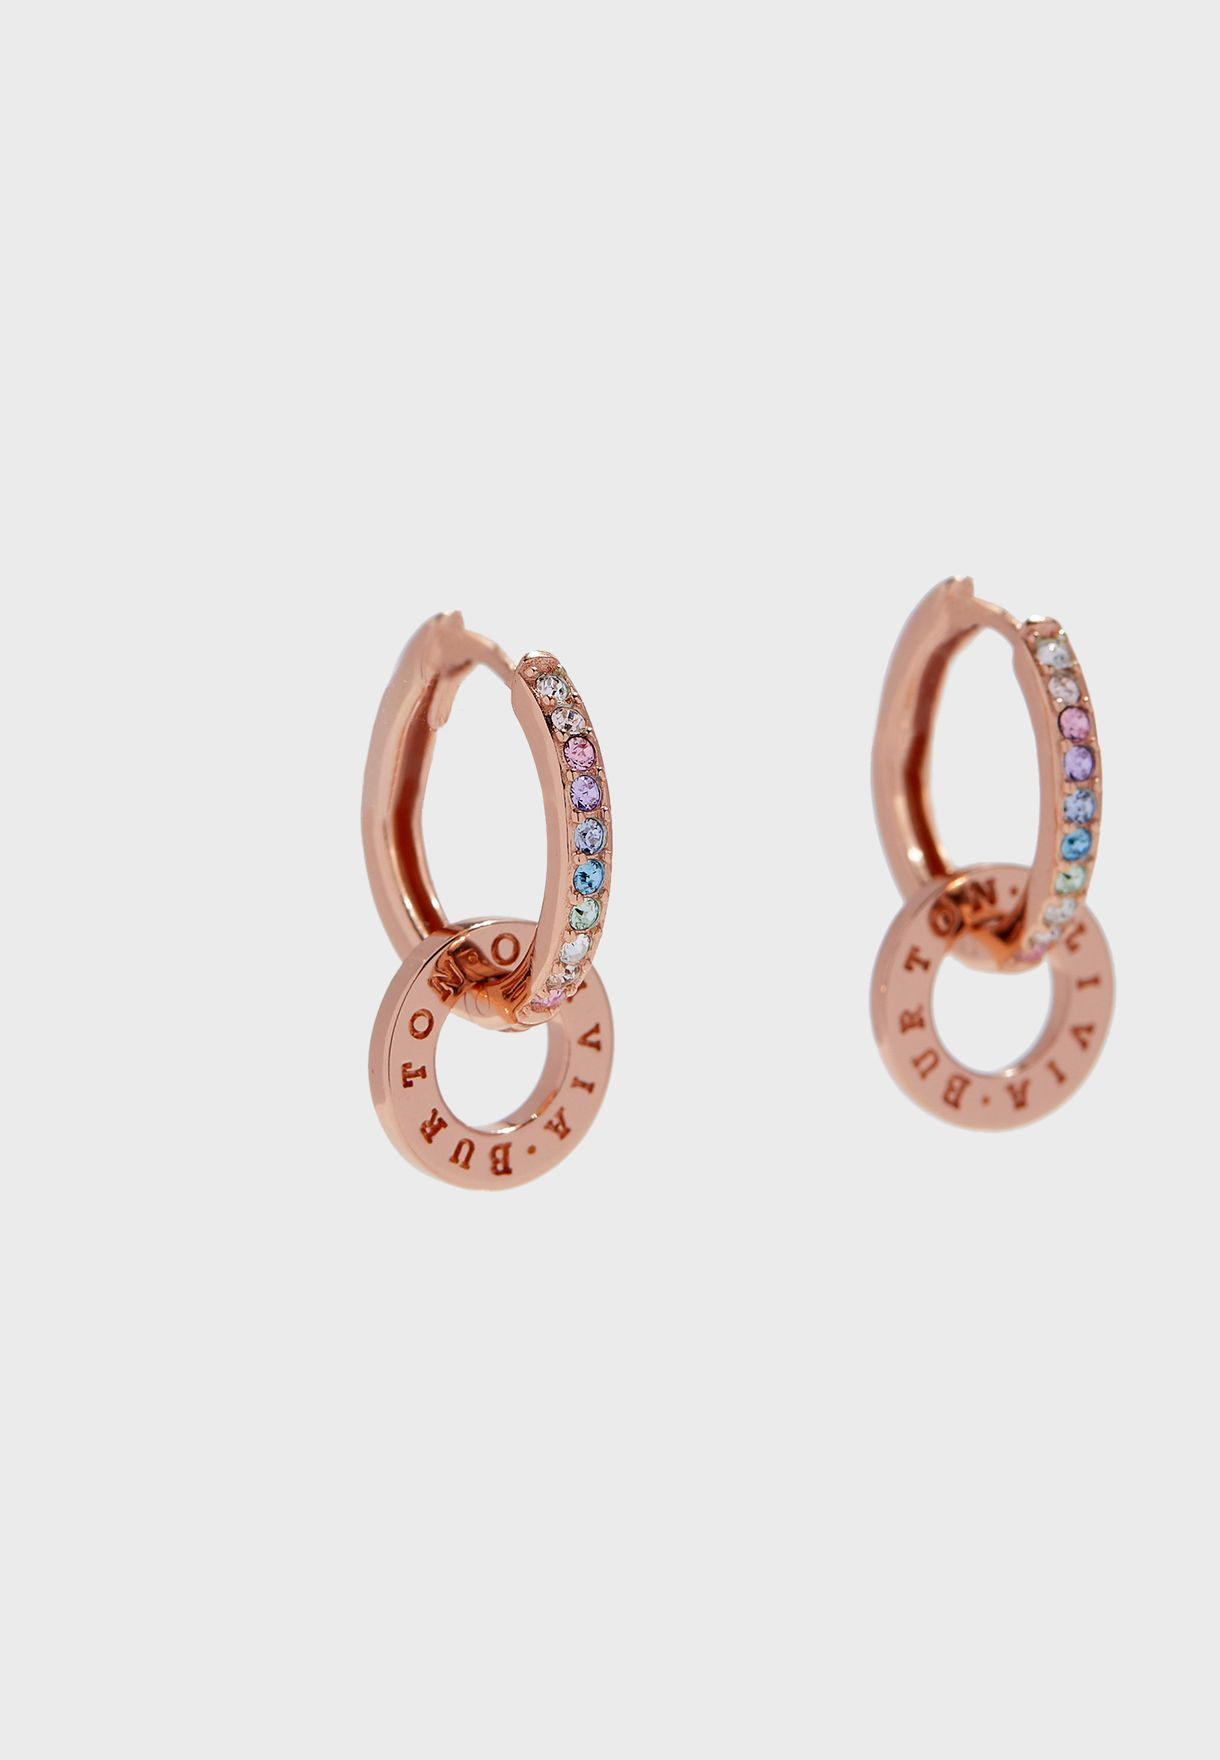 OBJRBE03 Rainbow Interlink Huggie Hoop Earrings